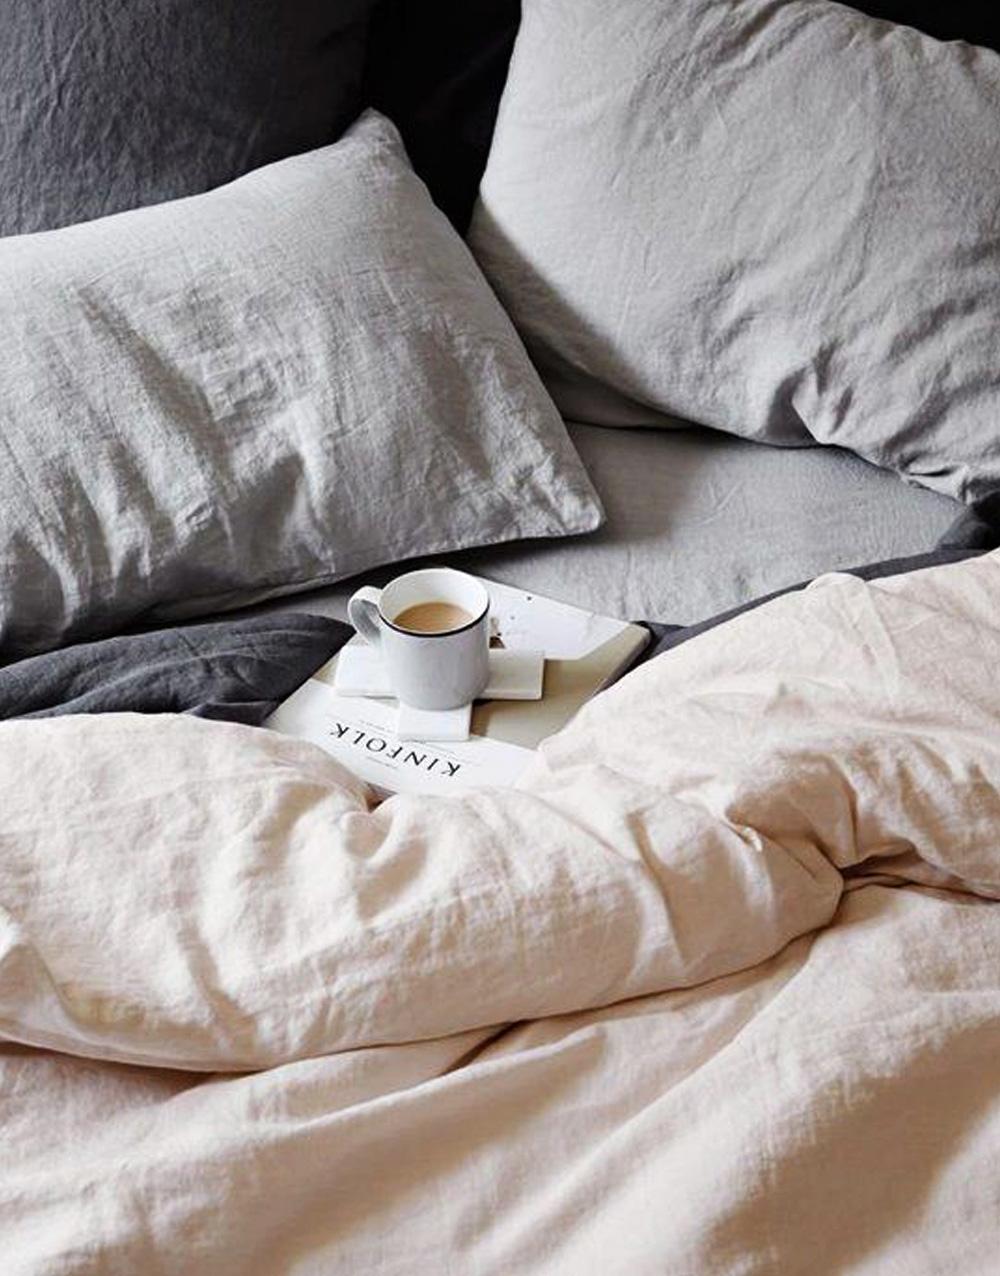 sengetøj hør hør sengetøj   Christina Dueholm sengetøj hør